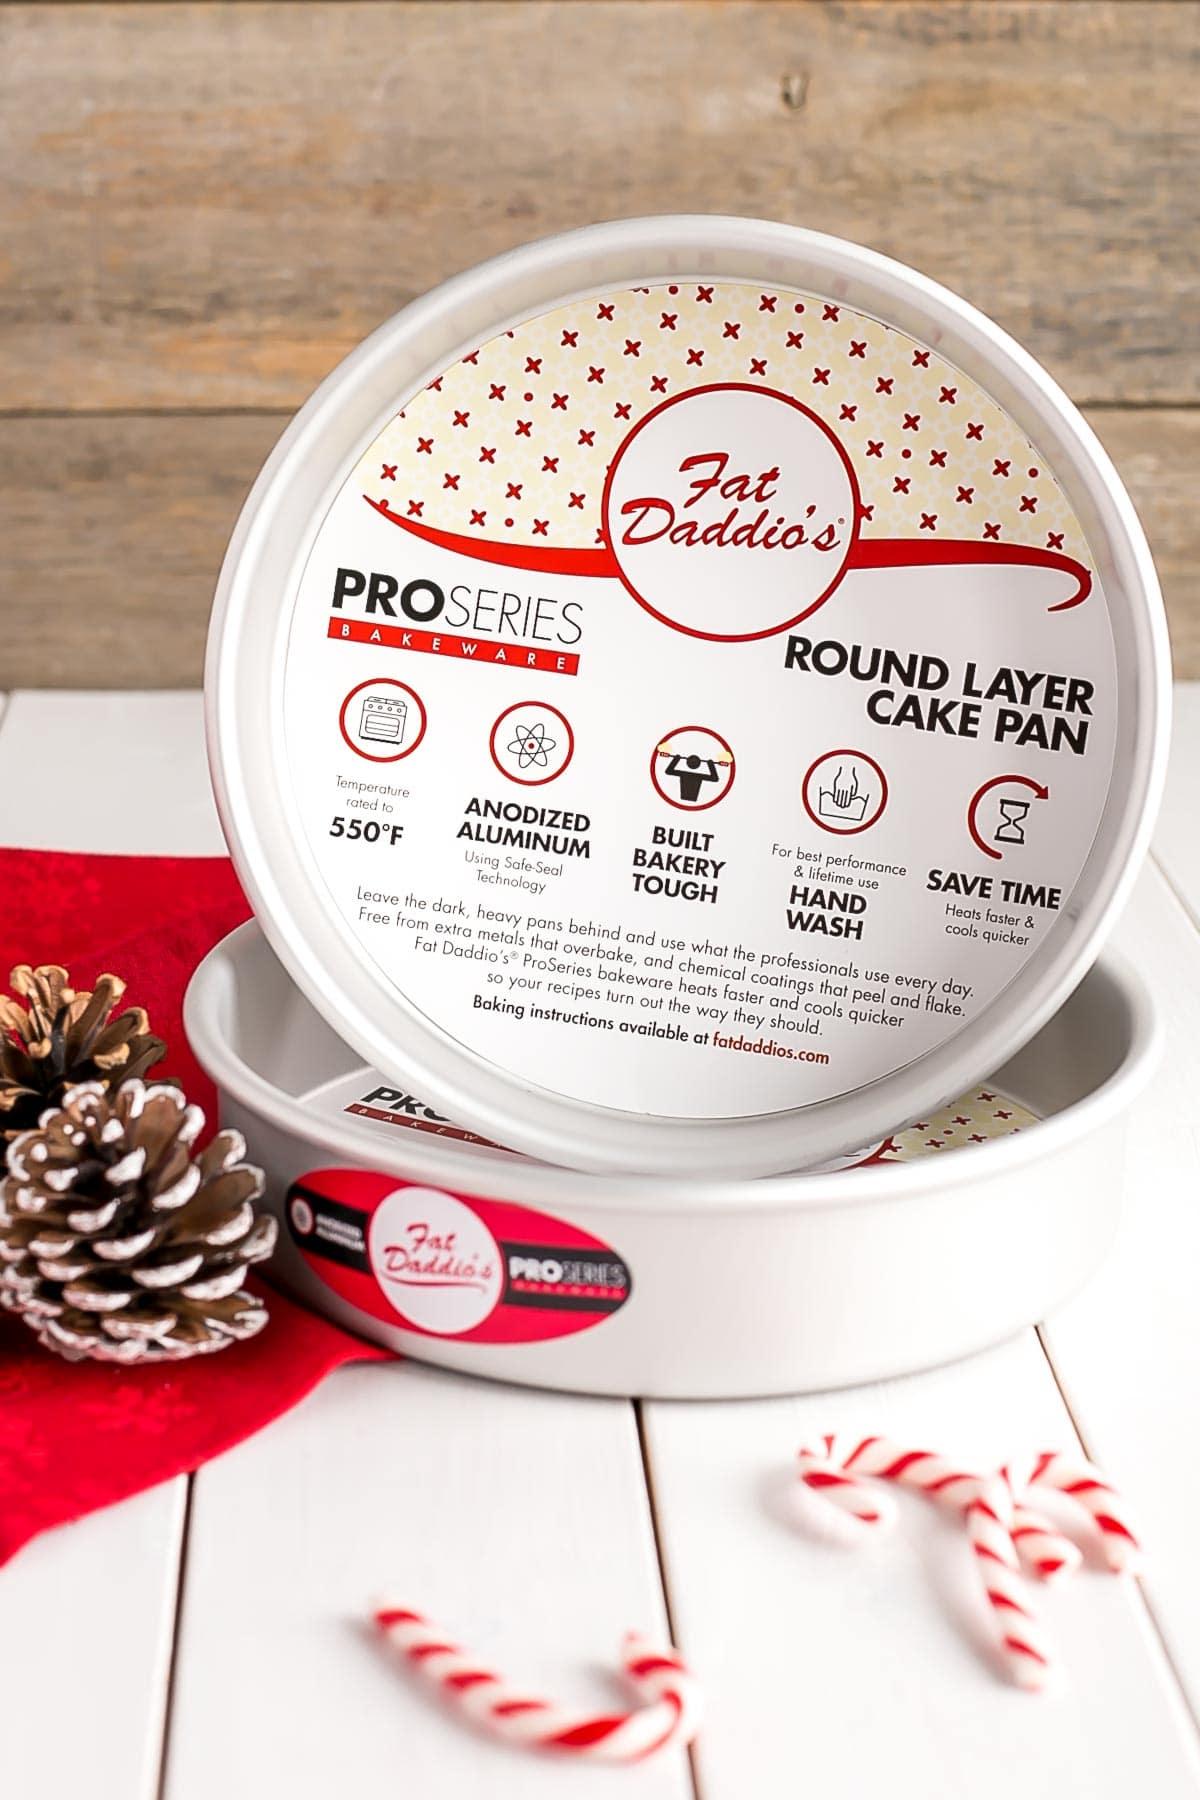 Fat Daddio's cake pans.